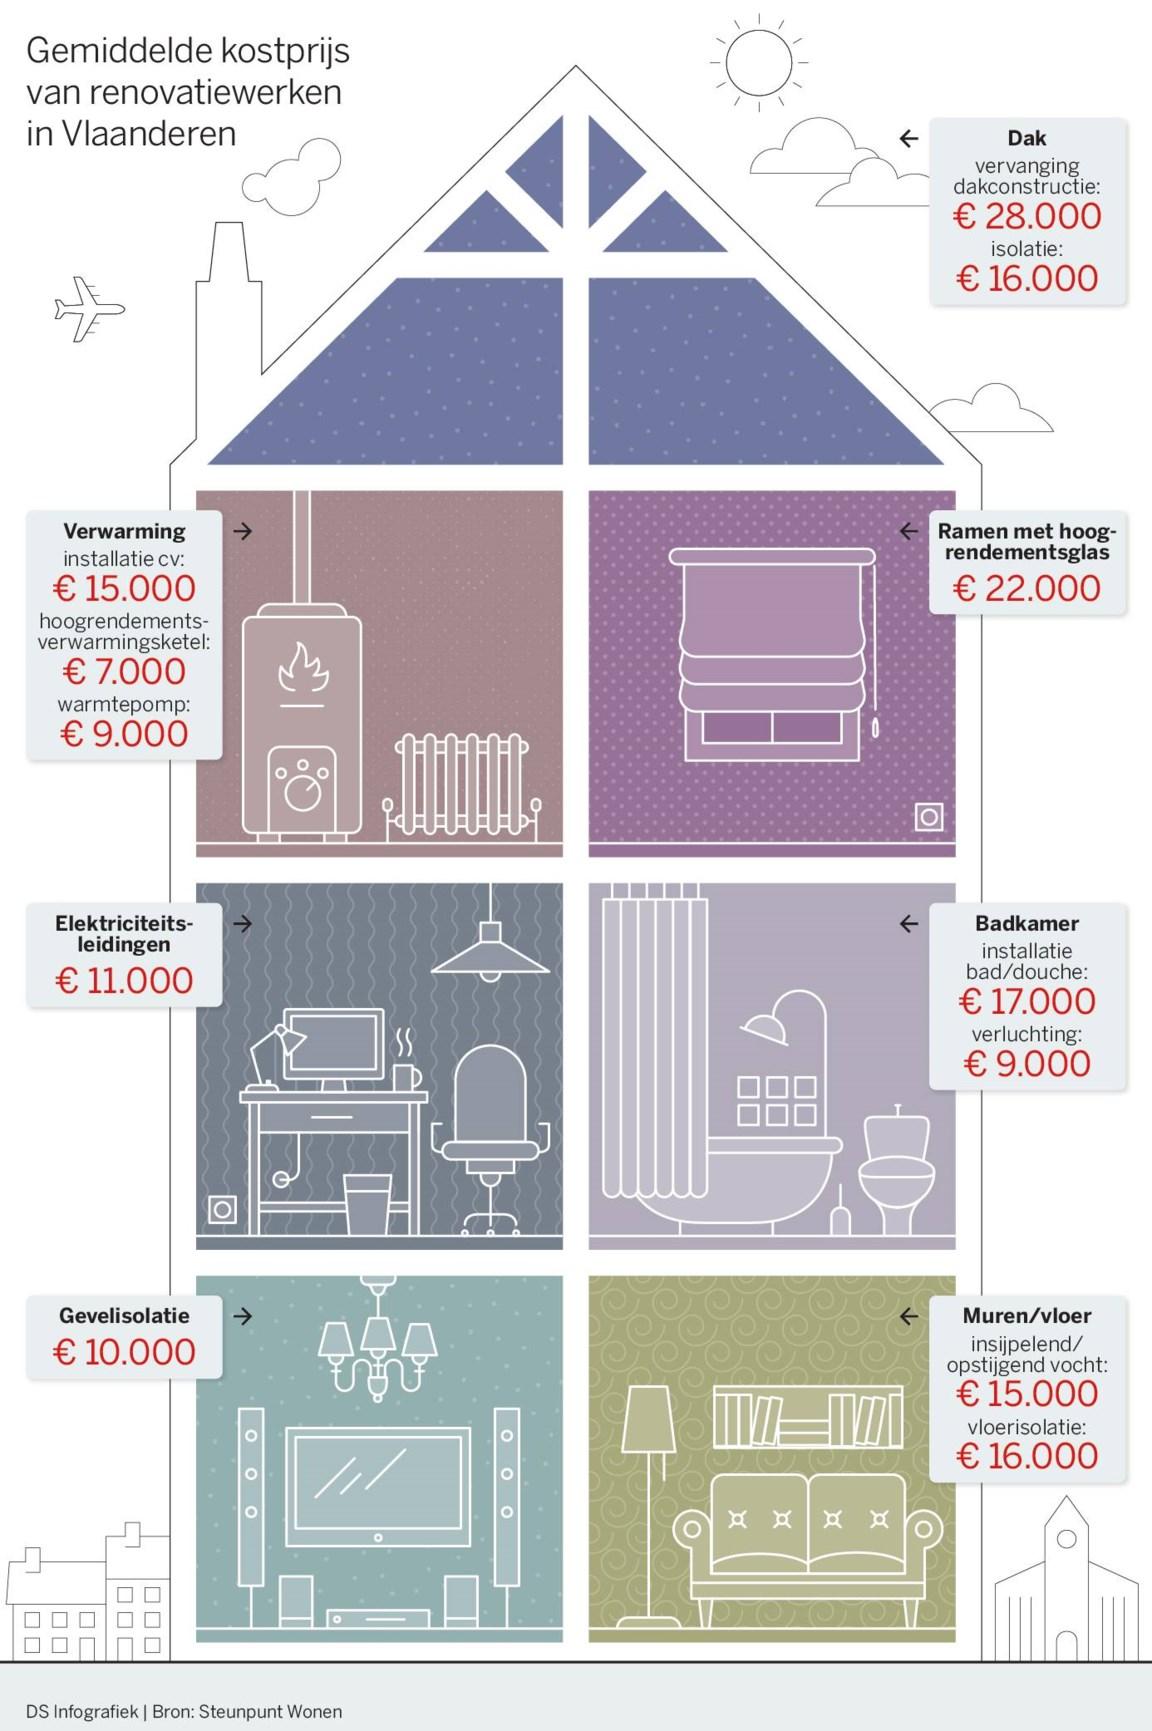 Bijna Elk Huis Moet Tegen 2050 Aangepakt Worden De Standaard Mobile